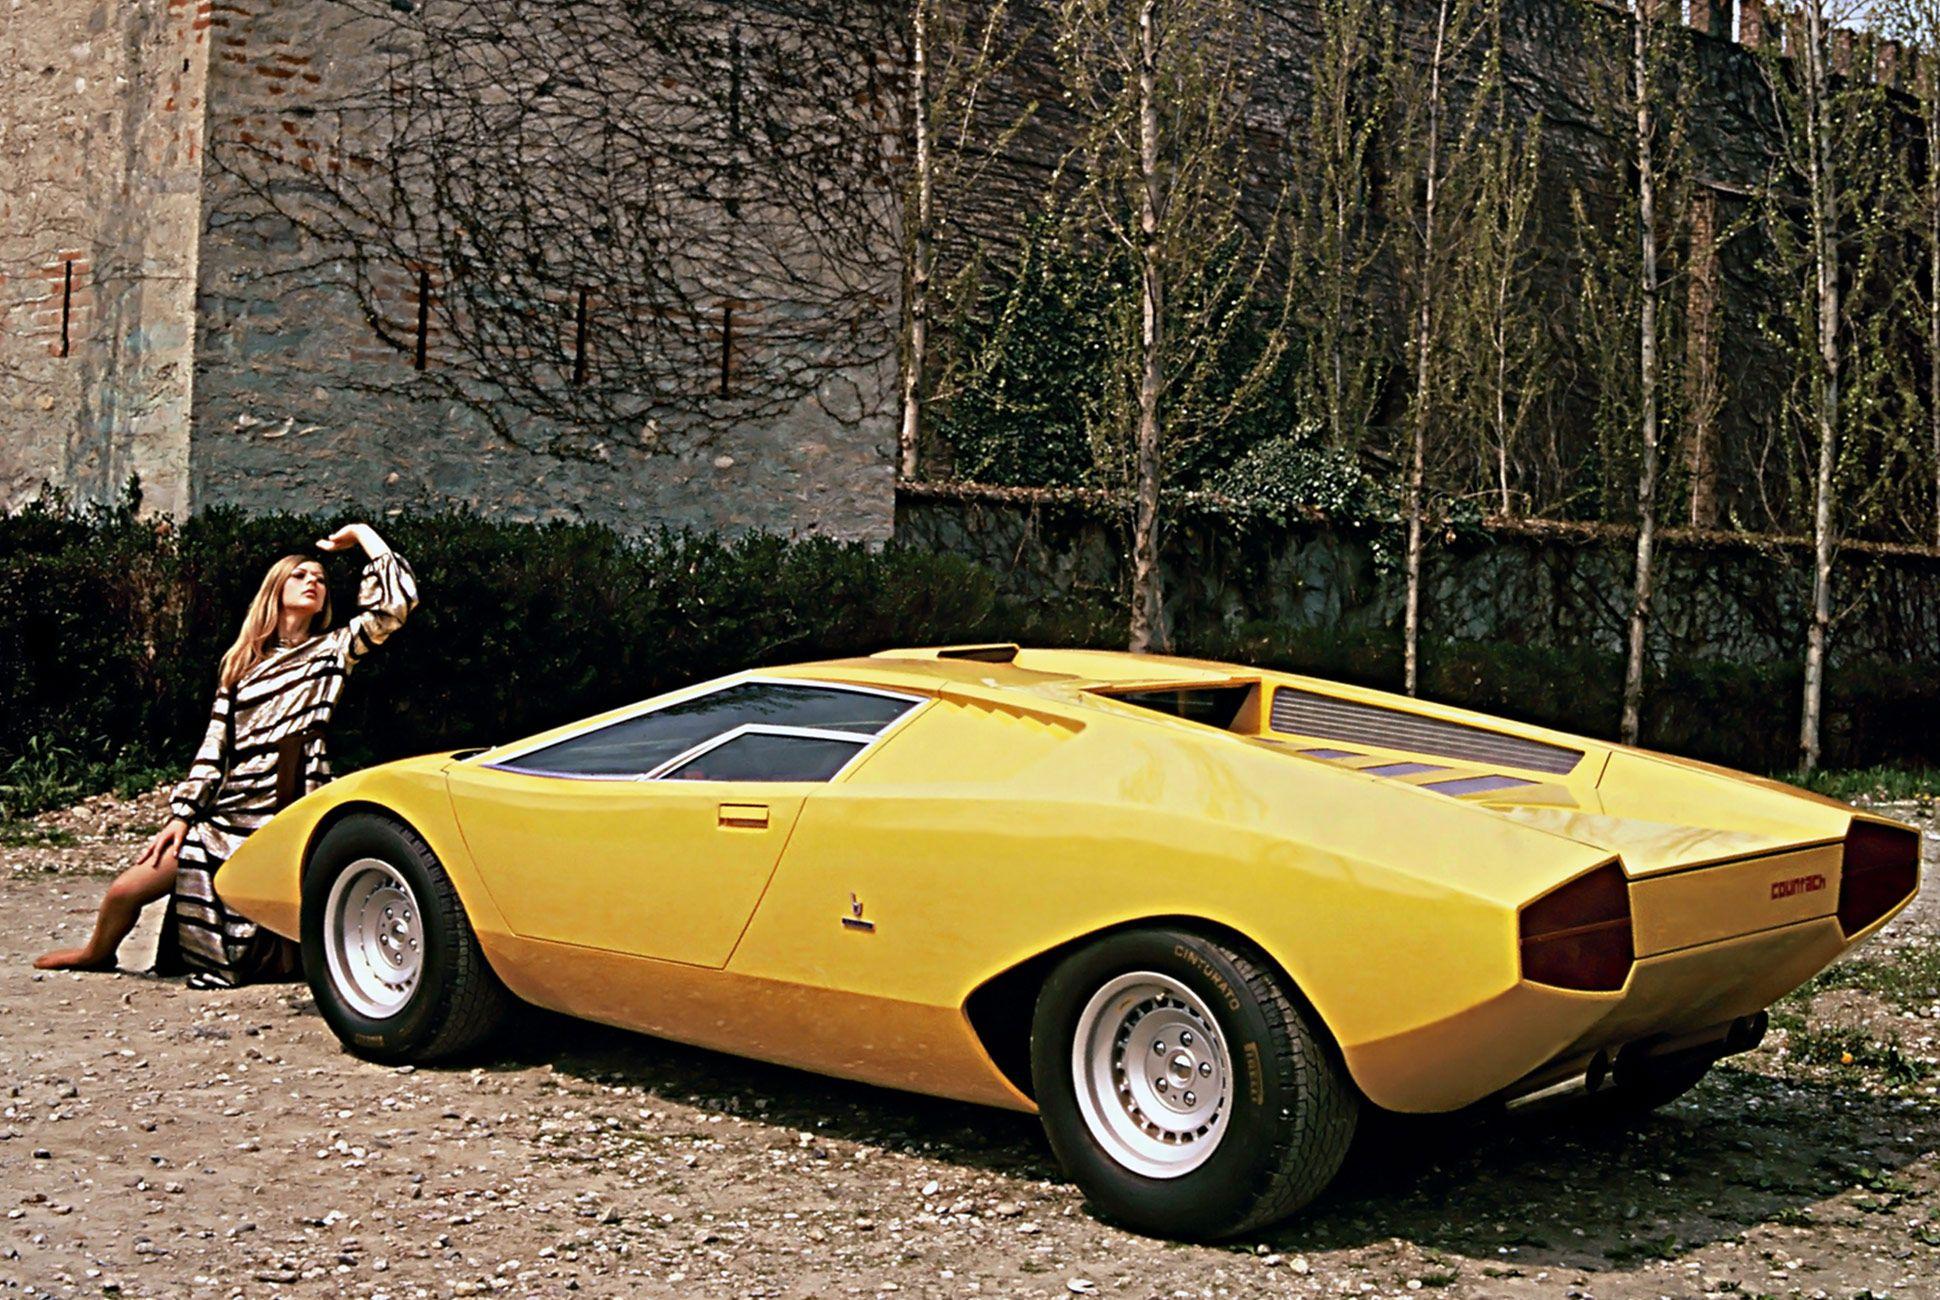 5a8ac59d18e96e7ef8cf4003451f4366 Extraordinary Lamborghini Countach Schwer Zu Fahren Cars Trend